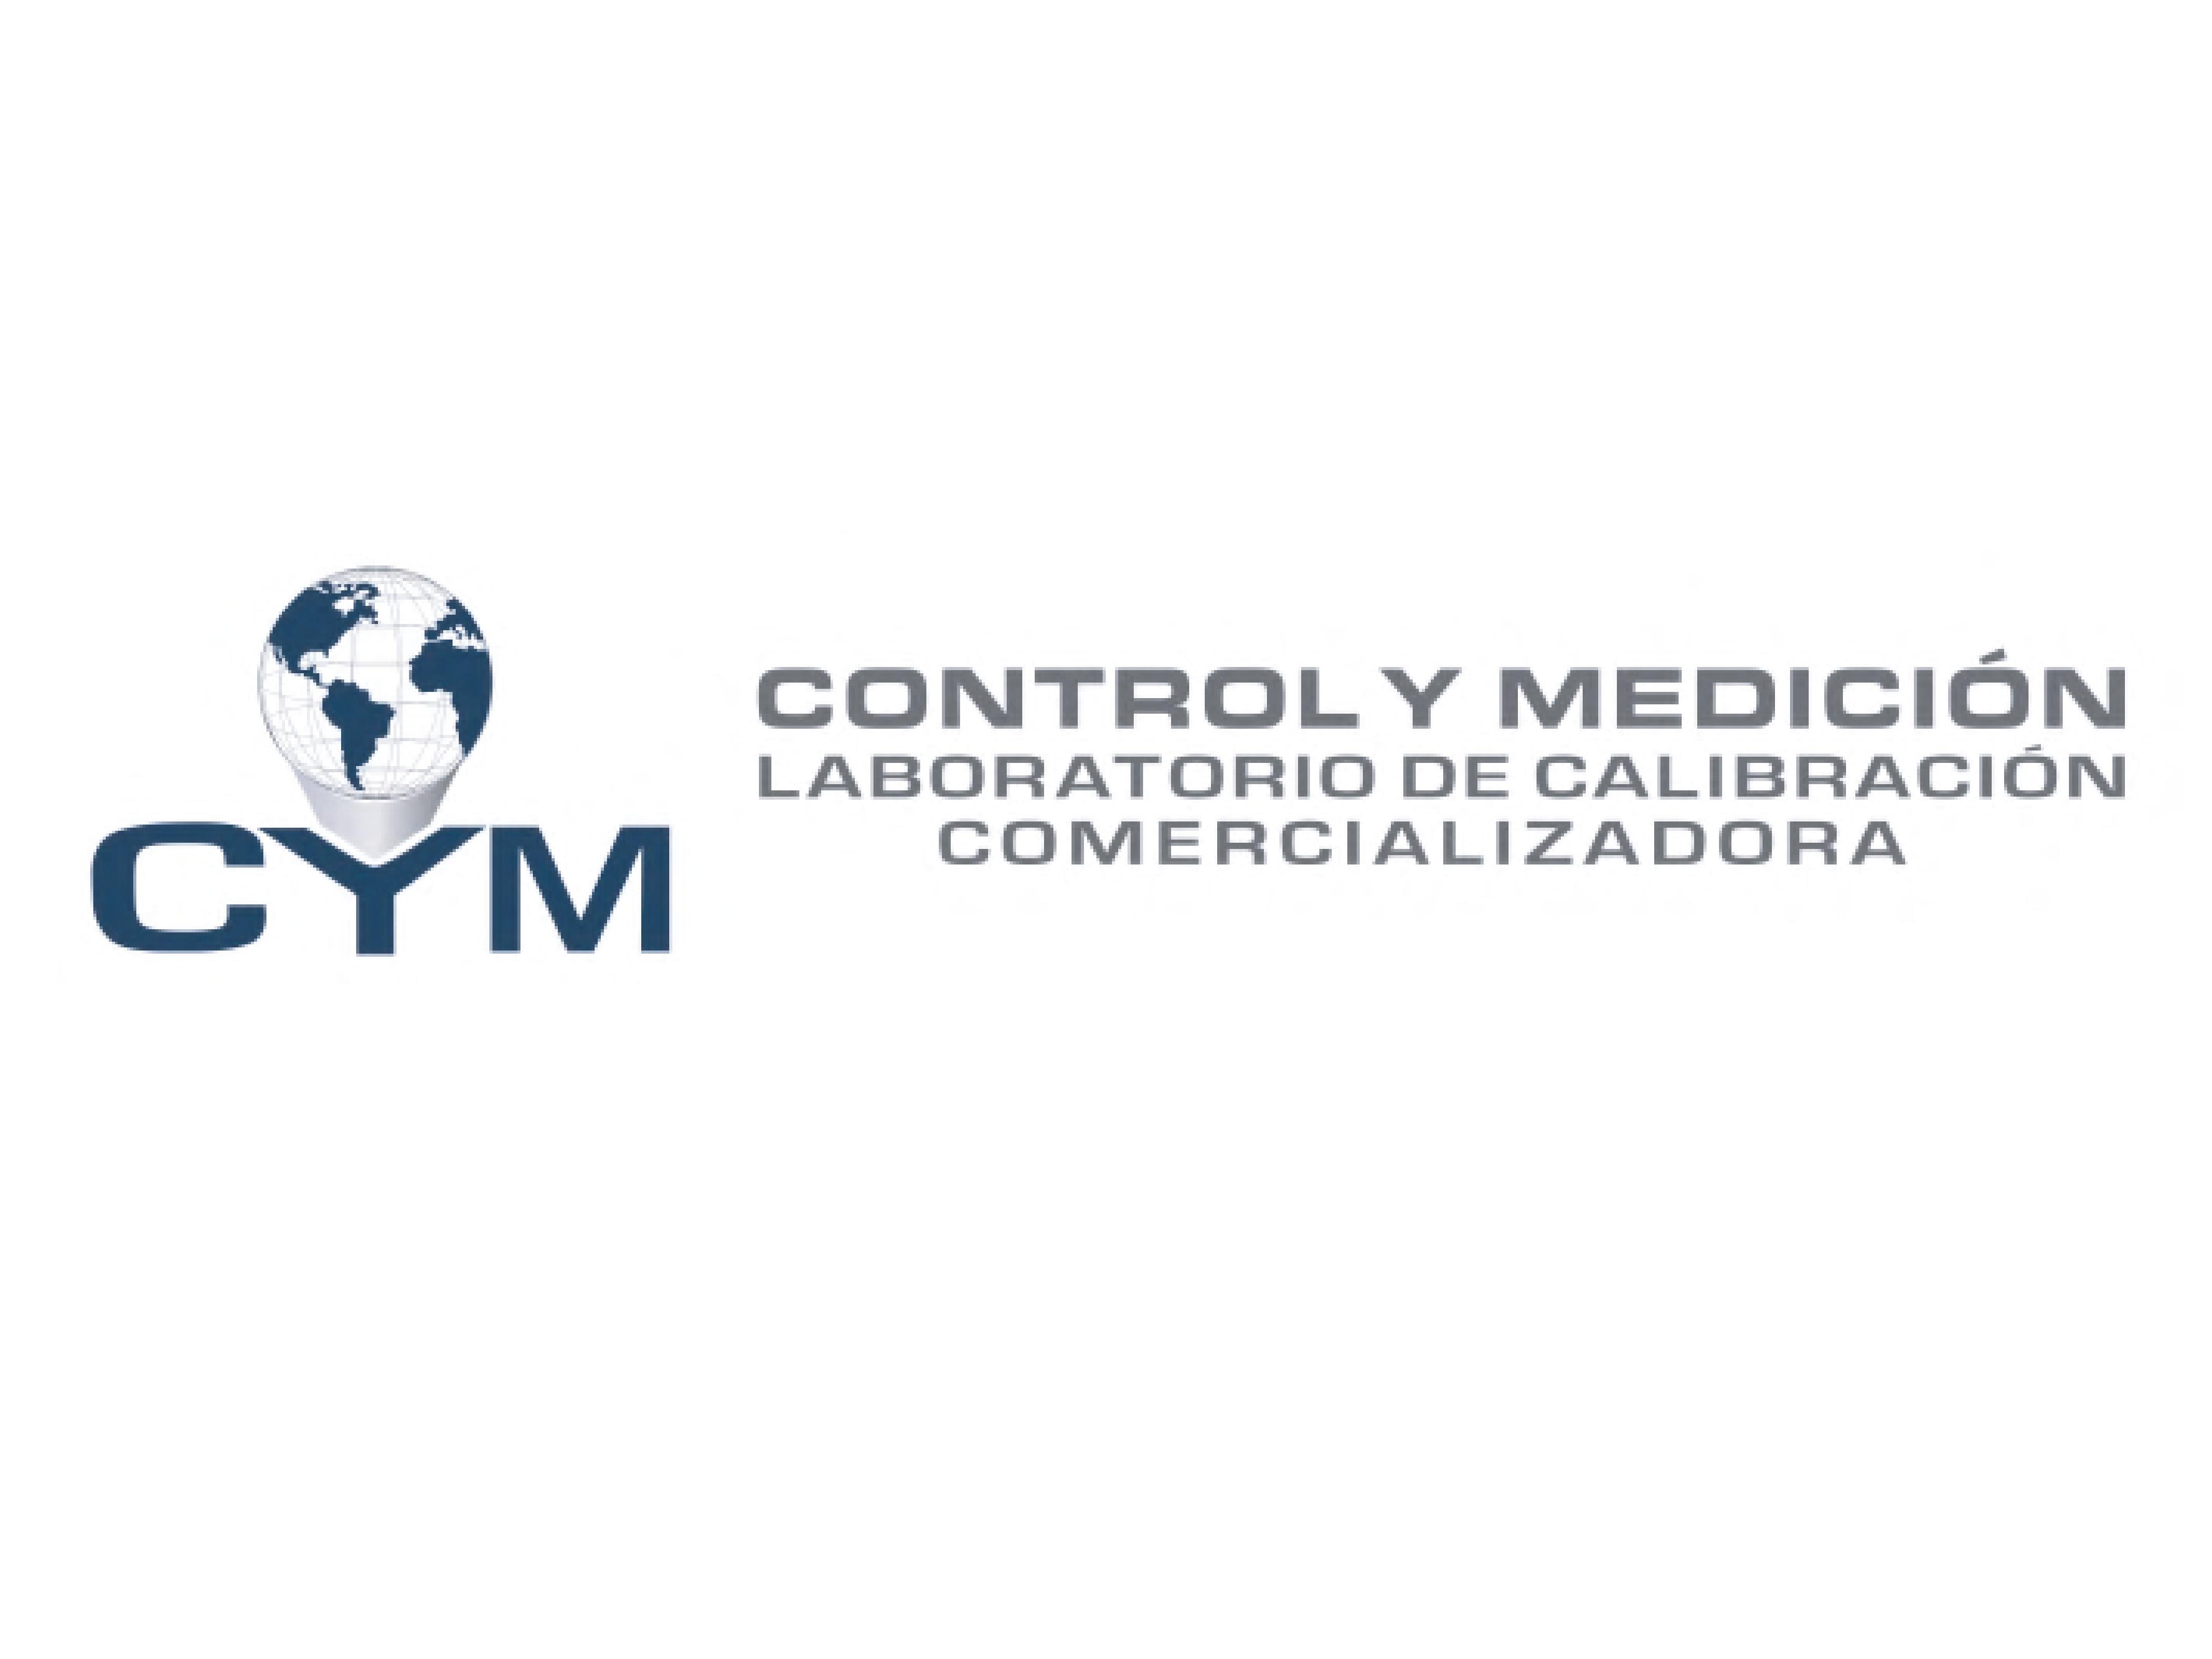 logos-de-clientes-49-min